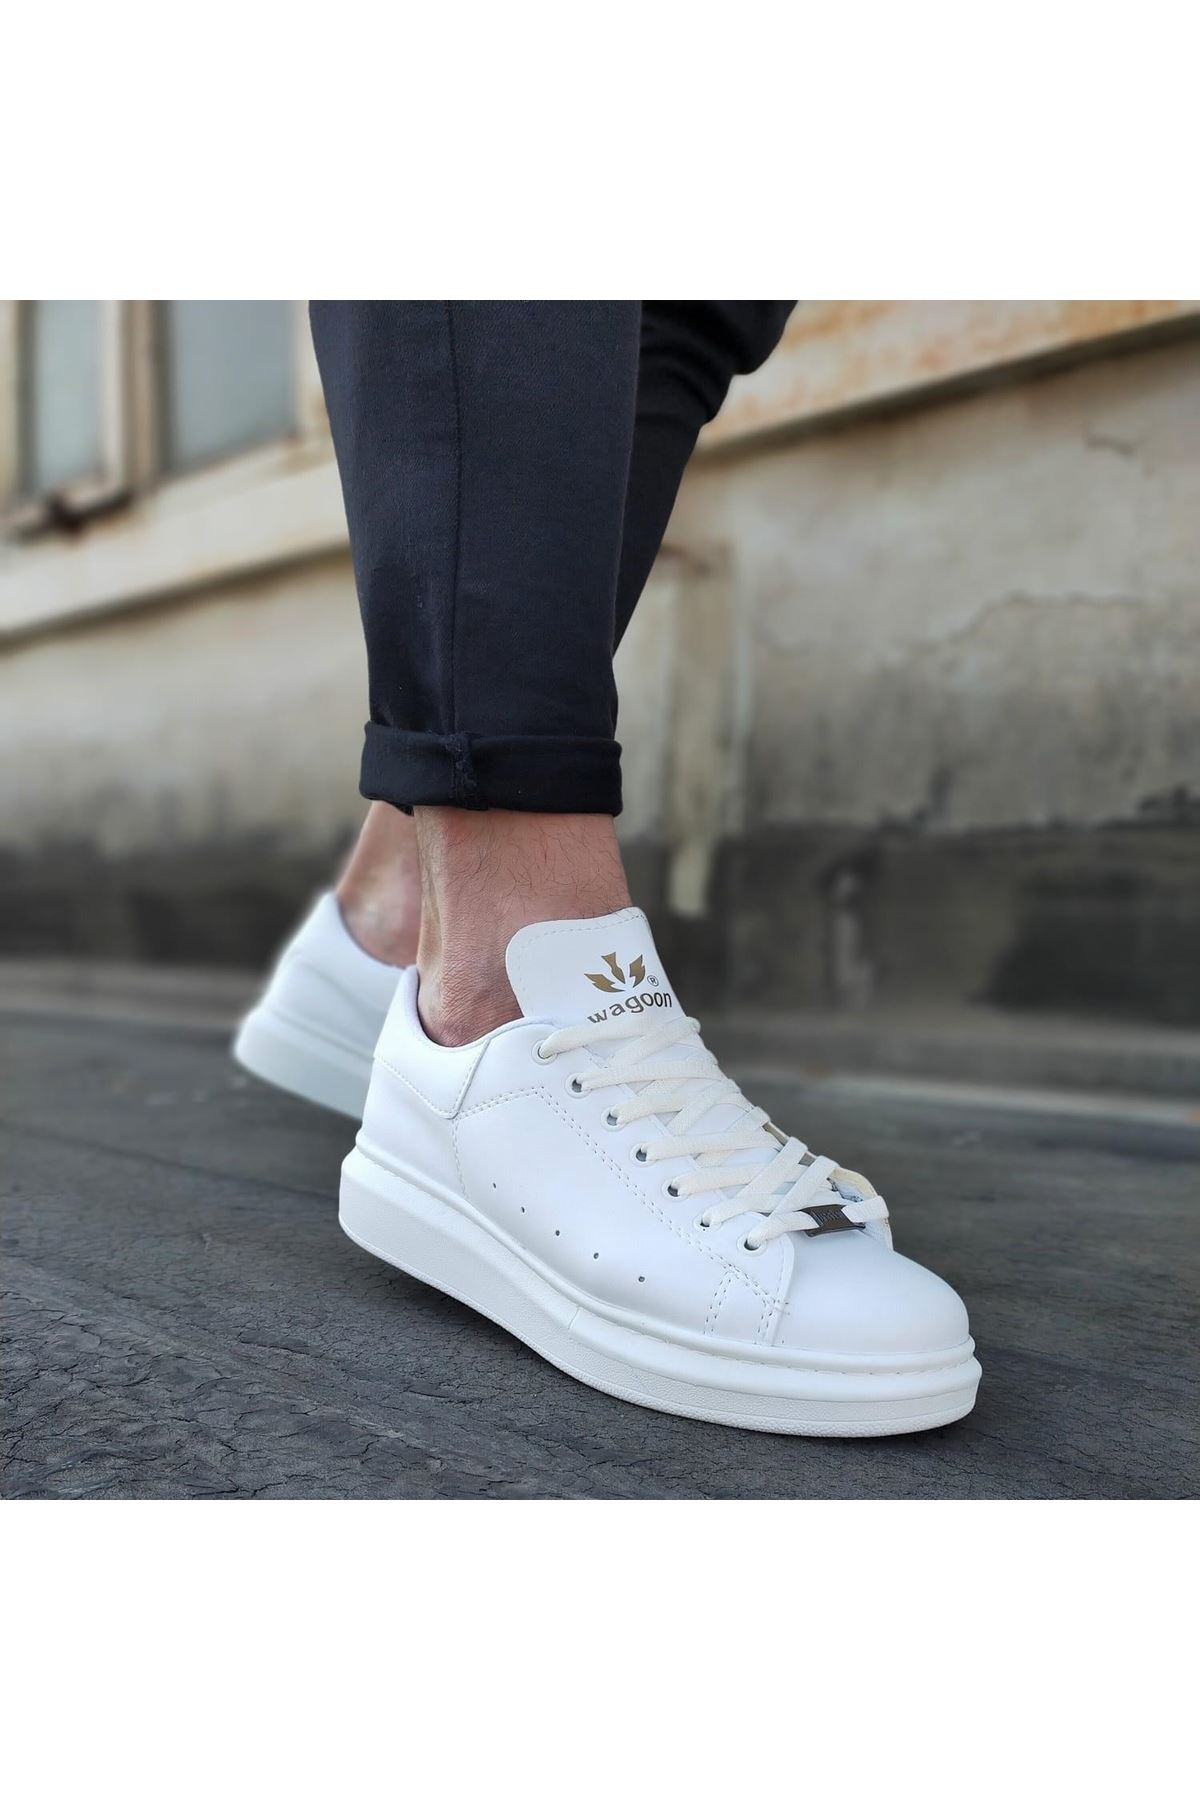 Wagoon WG501 Beyaz Erkek Yüksek Taban  Ayakkabı